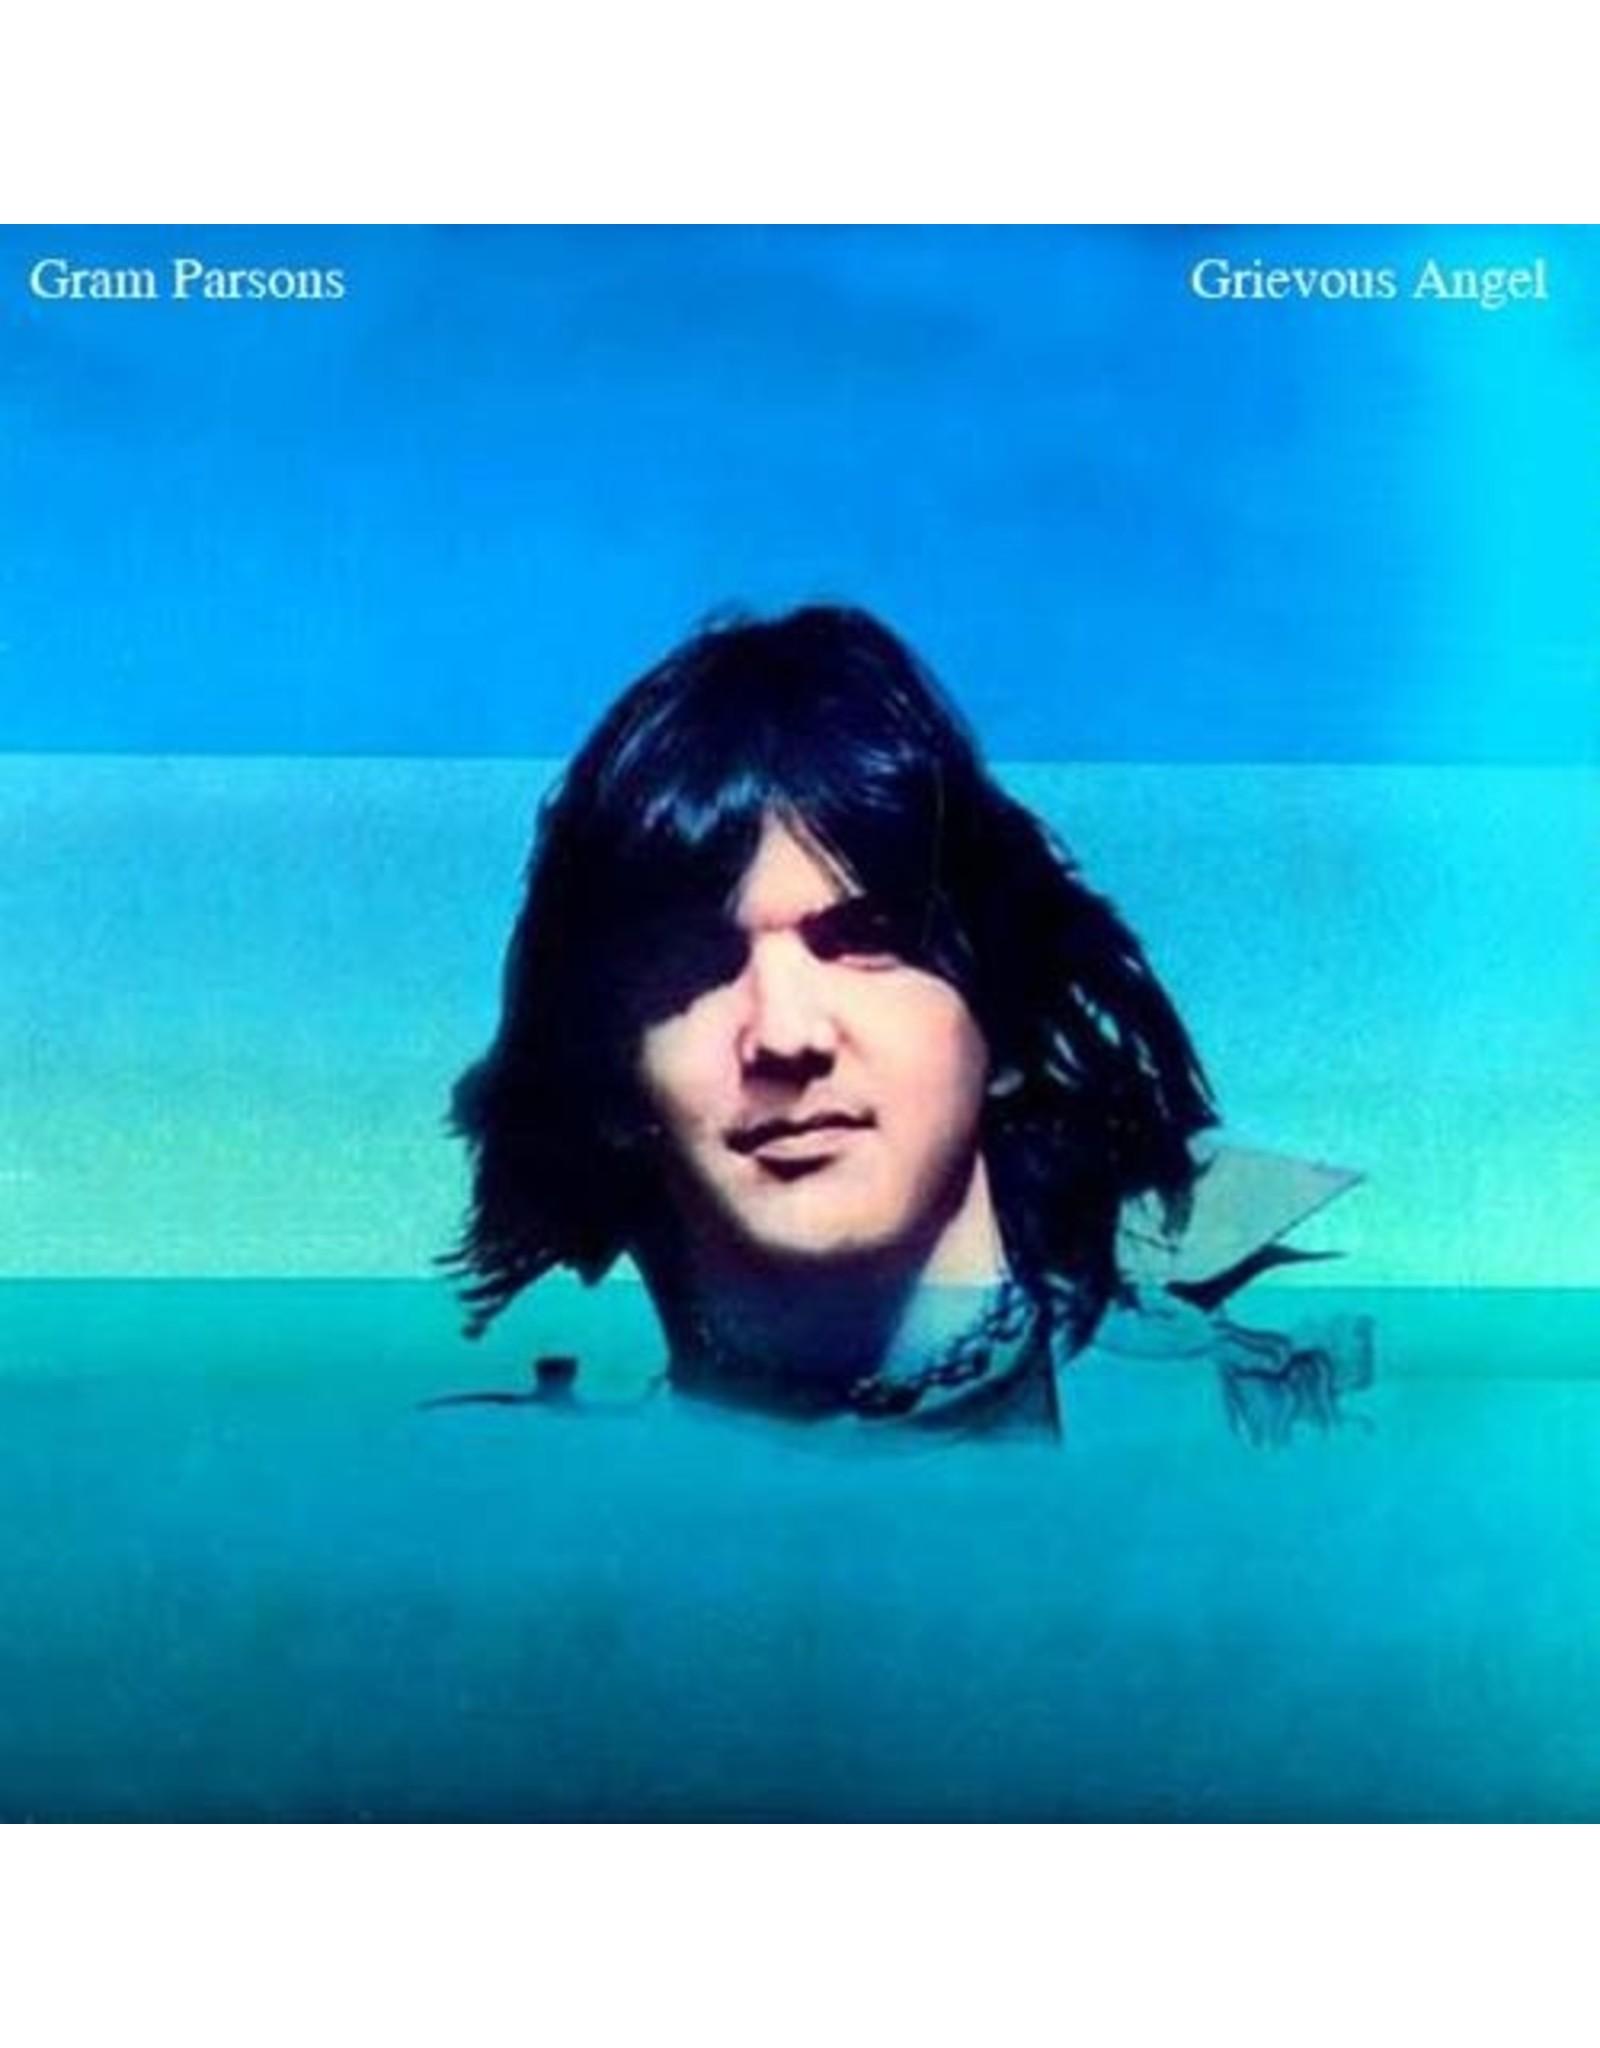 New Vinyl Gram Parsons - Grievous Angel LP